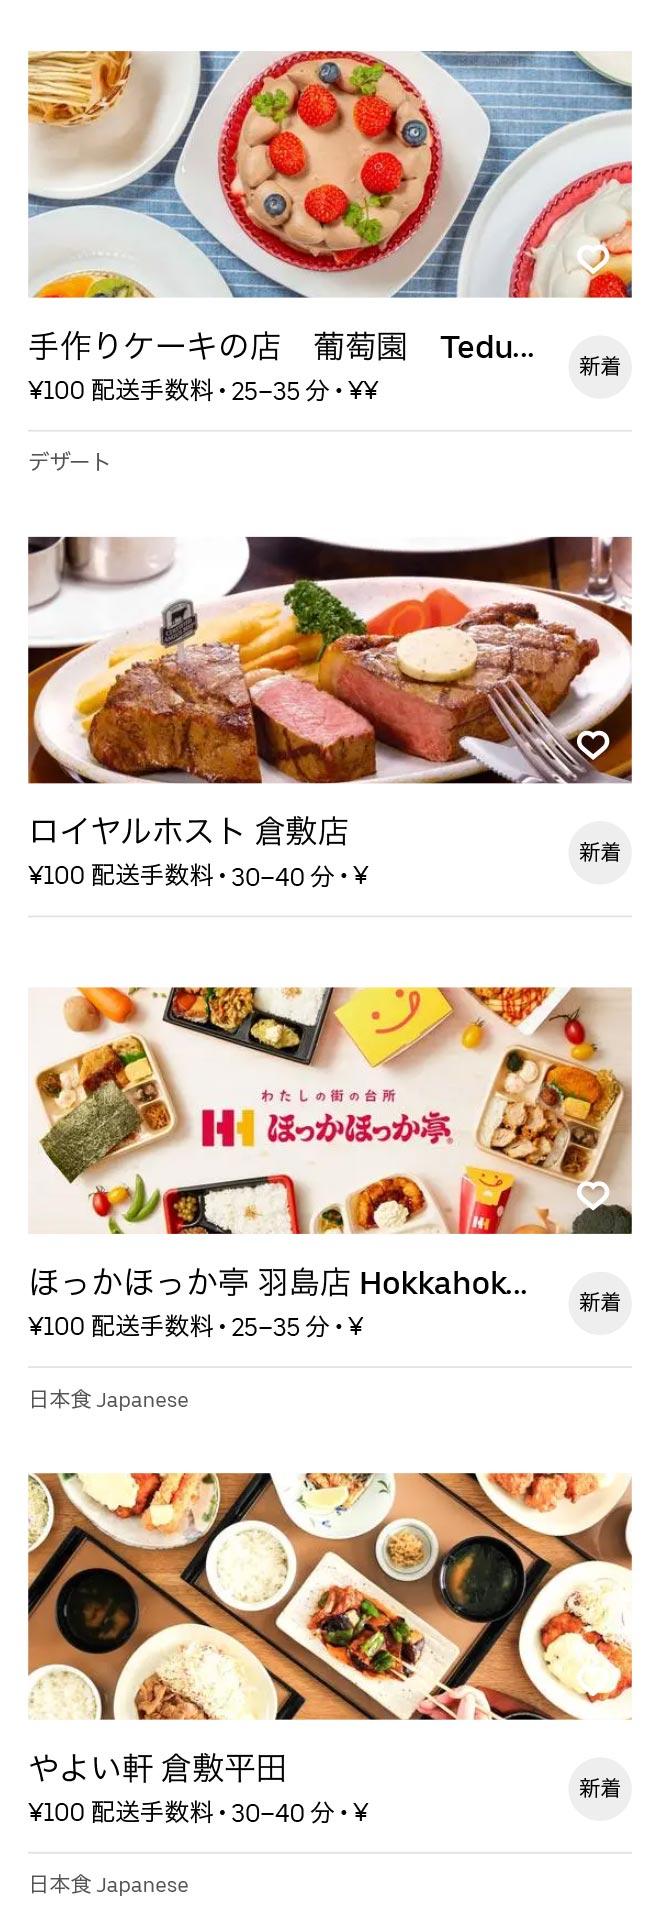 Kurashiki menu 2010 2